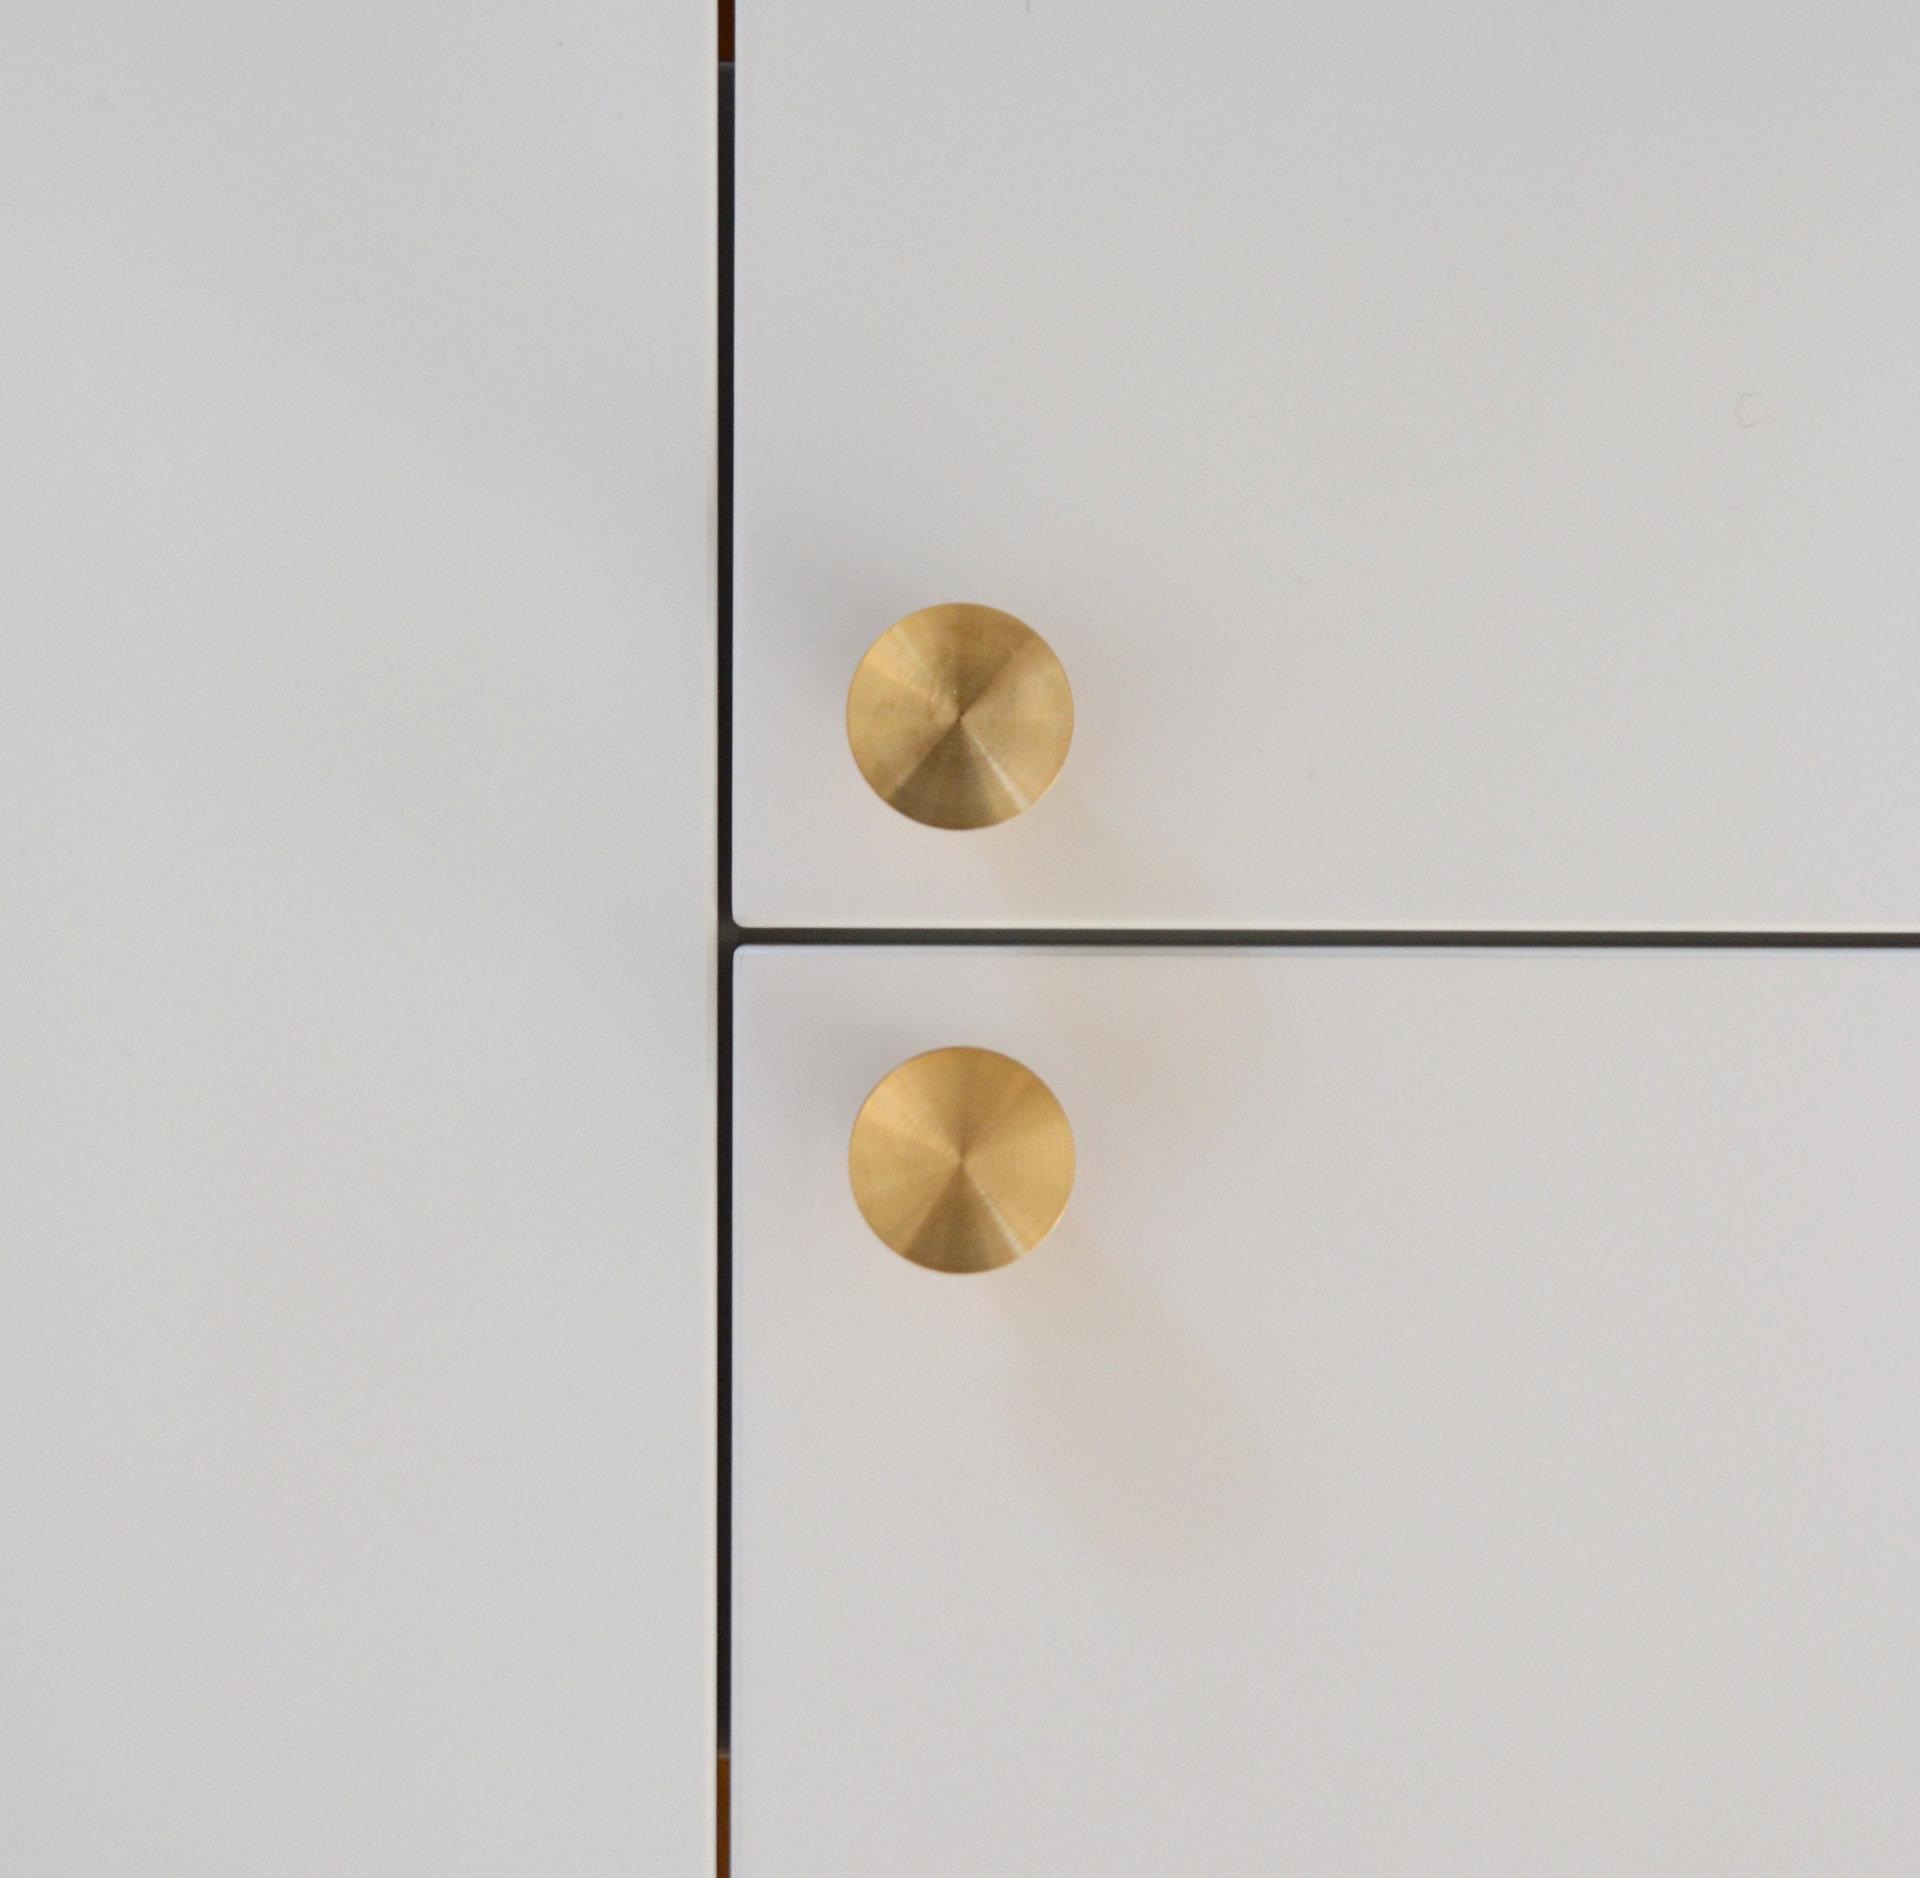 35 pax-skabe-malet-fronter-arki-ikea-hack-dot-greb